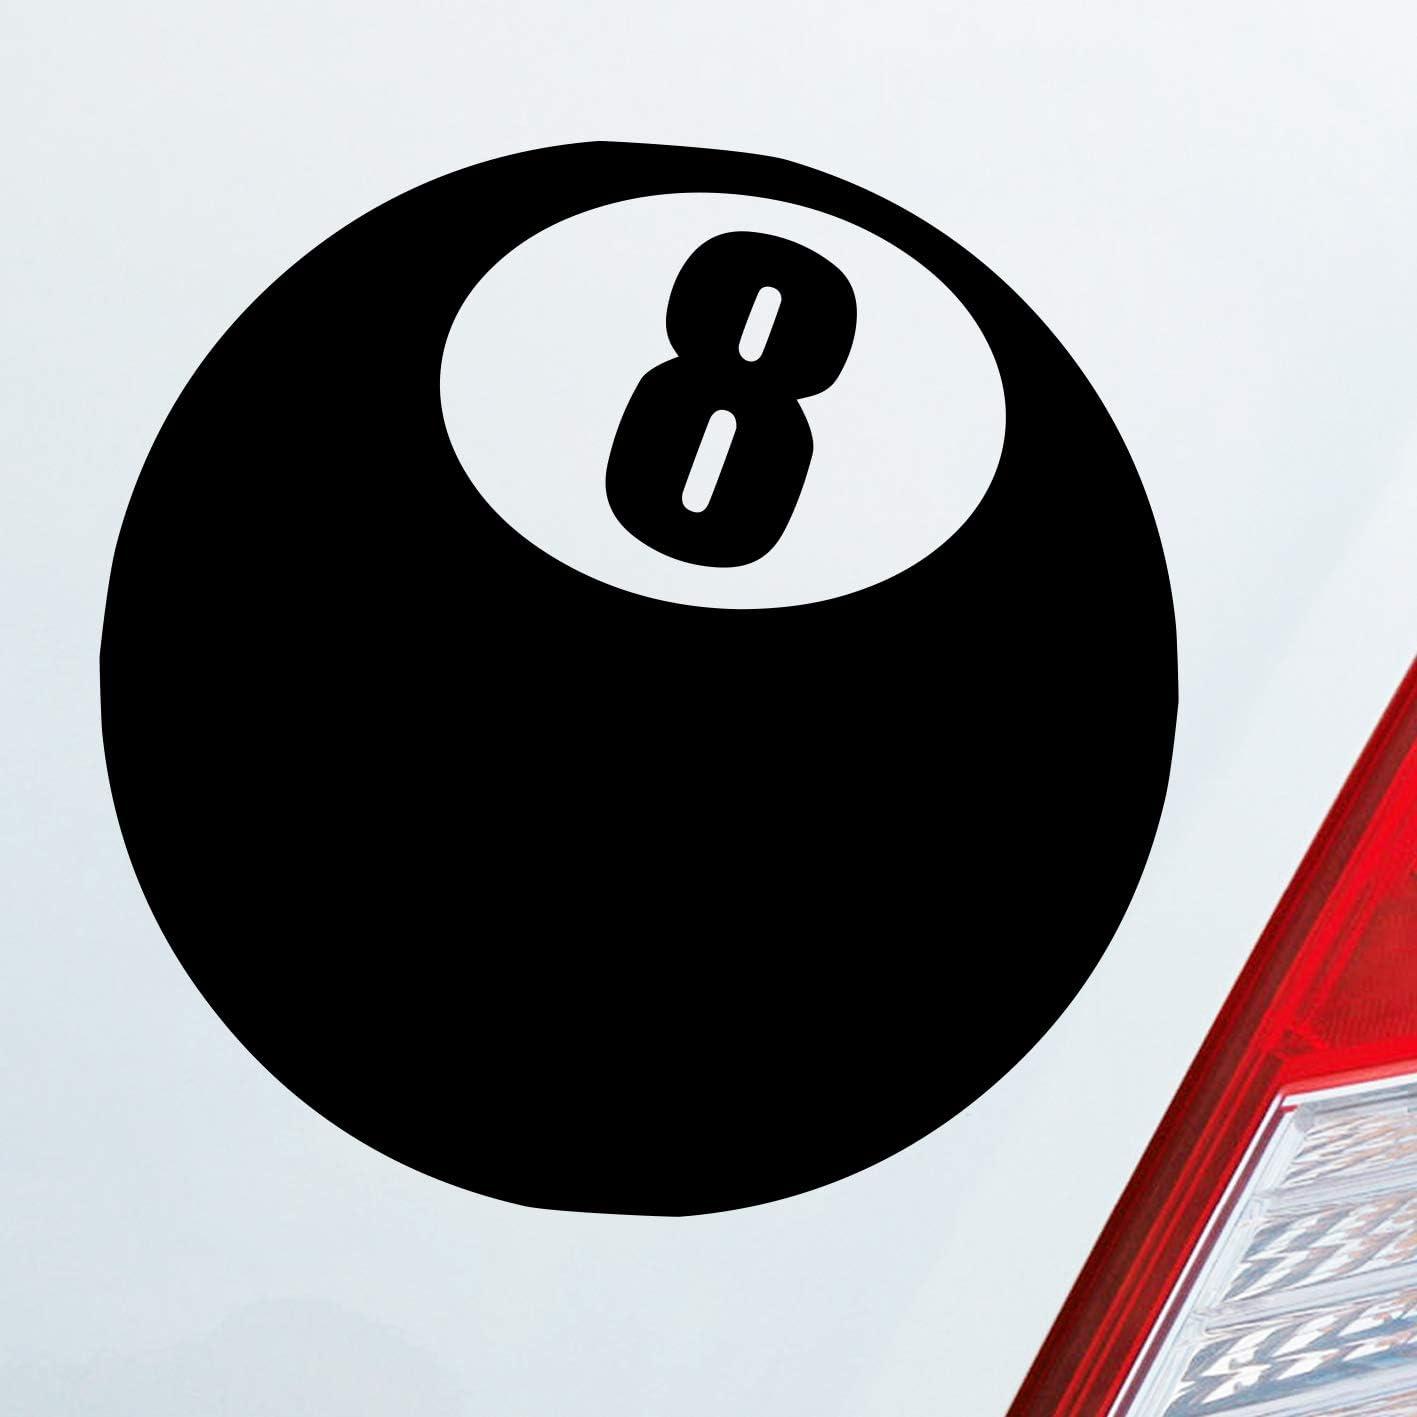 Auto Adhesivo en tu deseos Color Bola Bola de billar número 8 Negra Ocho 10 x 10 cm Auto decorativo para pantalla: Amazon.es: Coche y moto